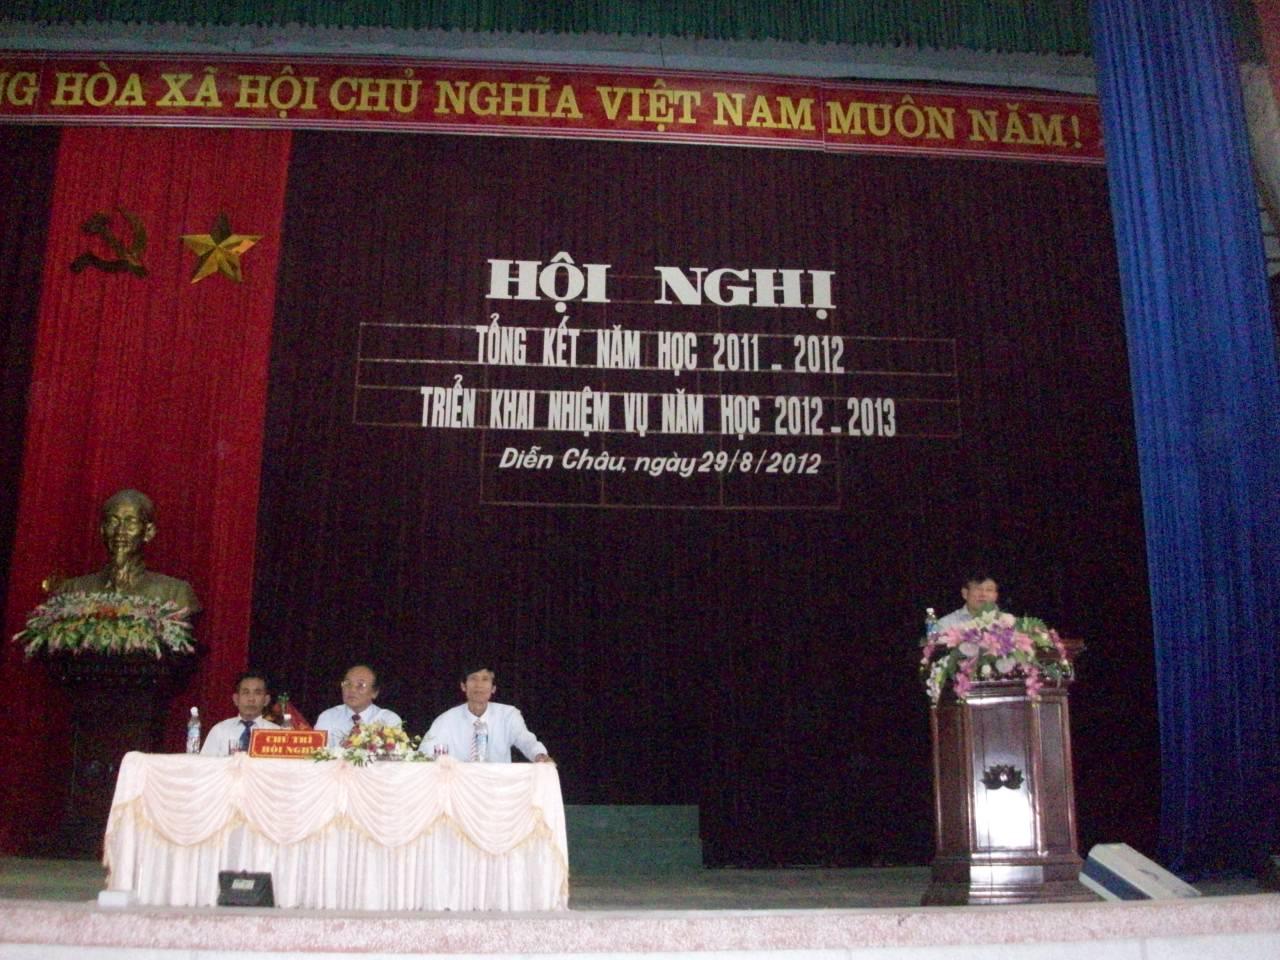 Đ/c Thái Huy Vinh - Phó Giám đốc Sở GD&ĐT Nghệ An phát biểu tại Hội nghị